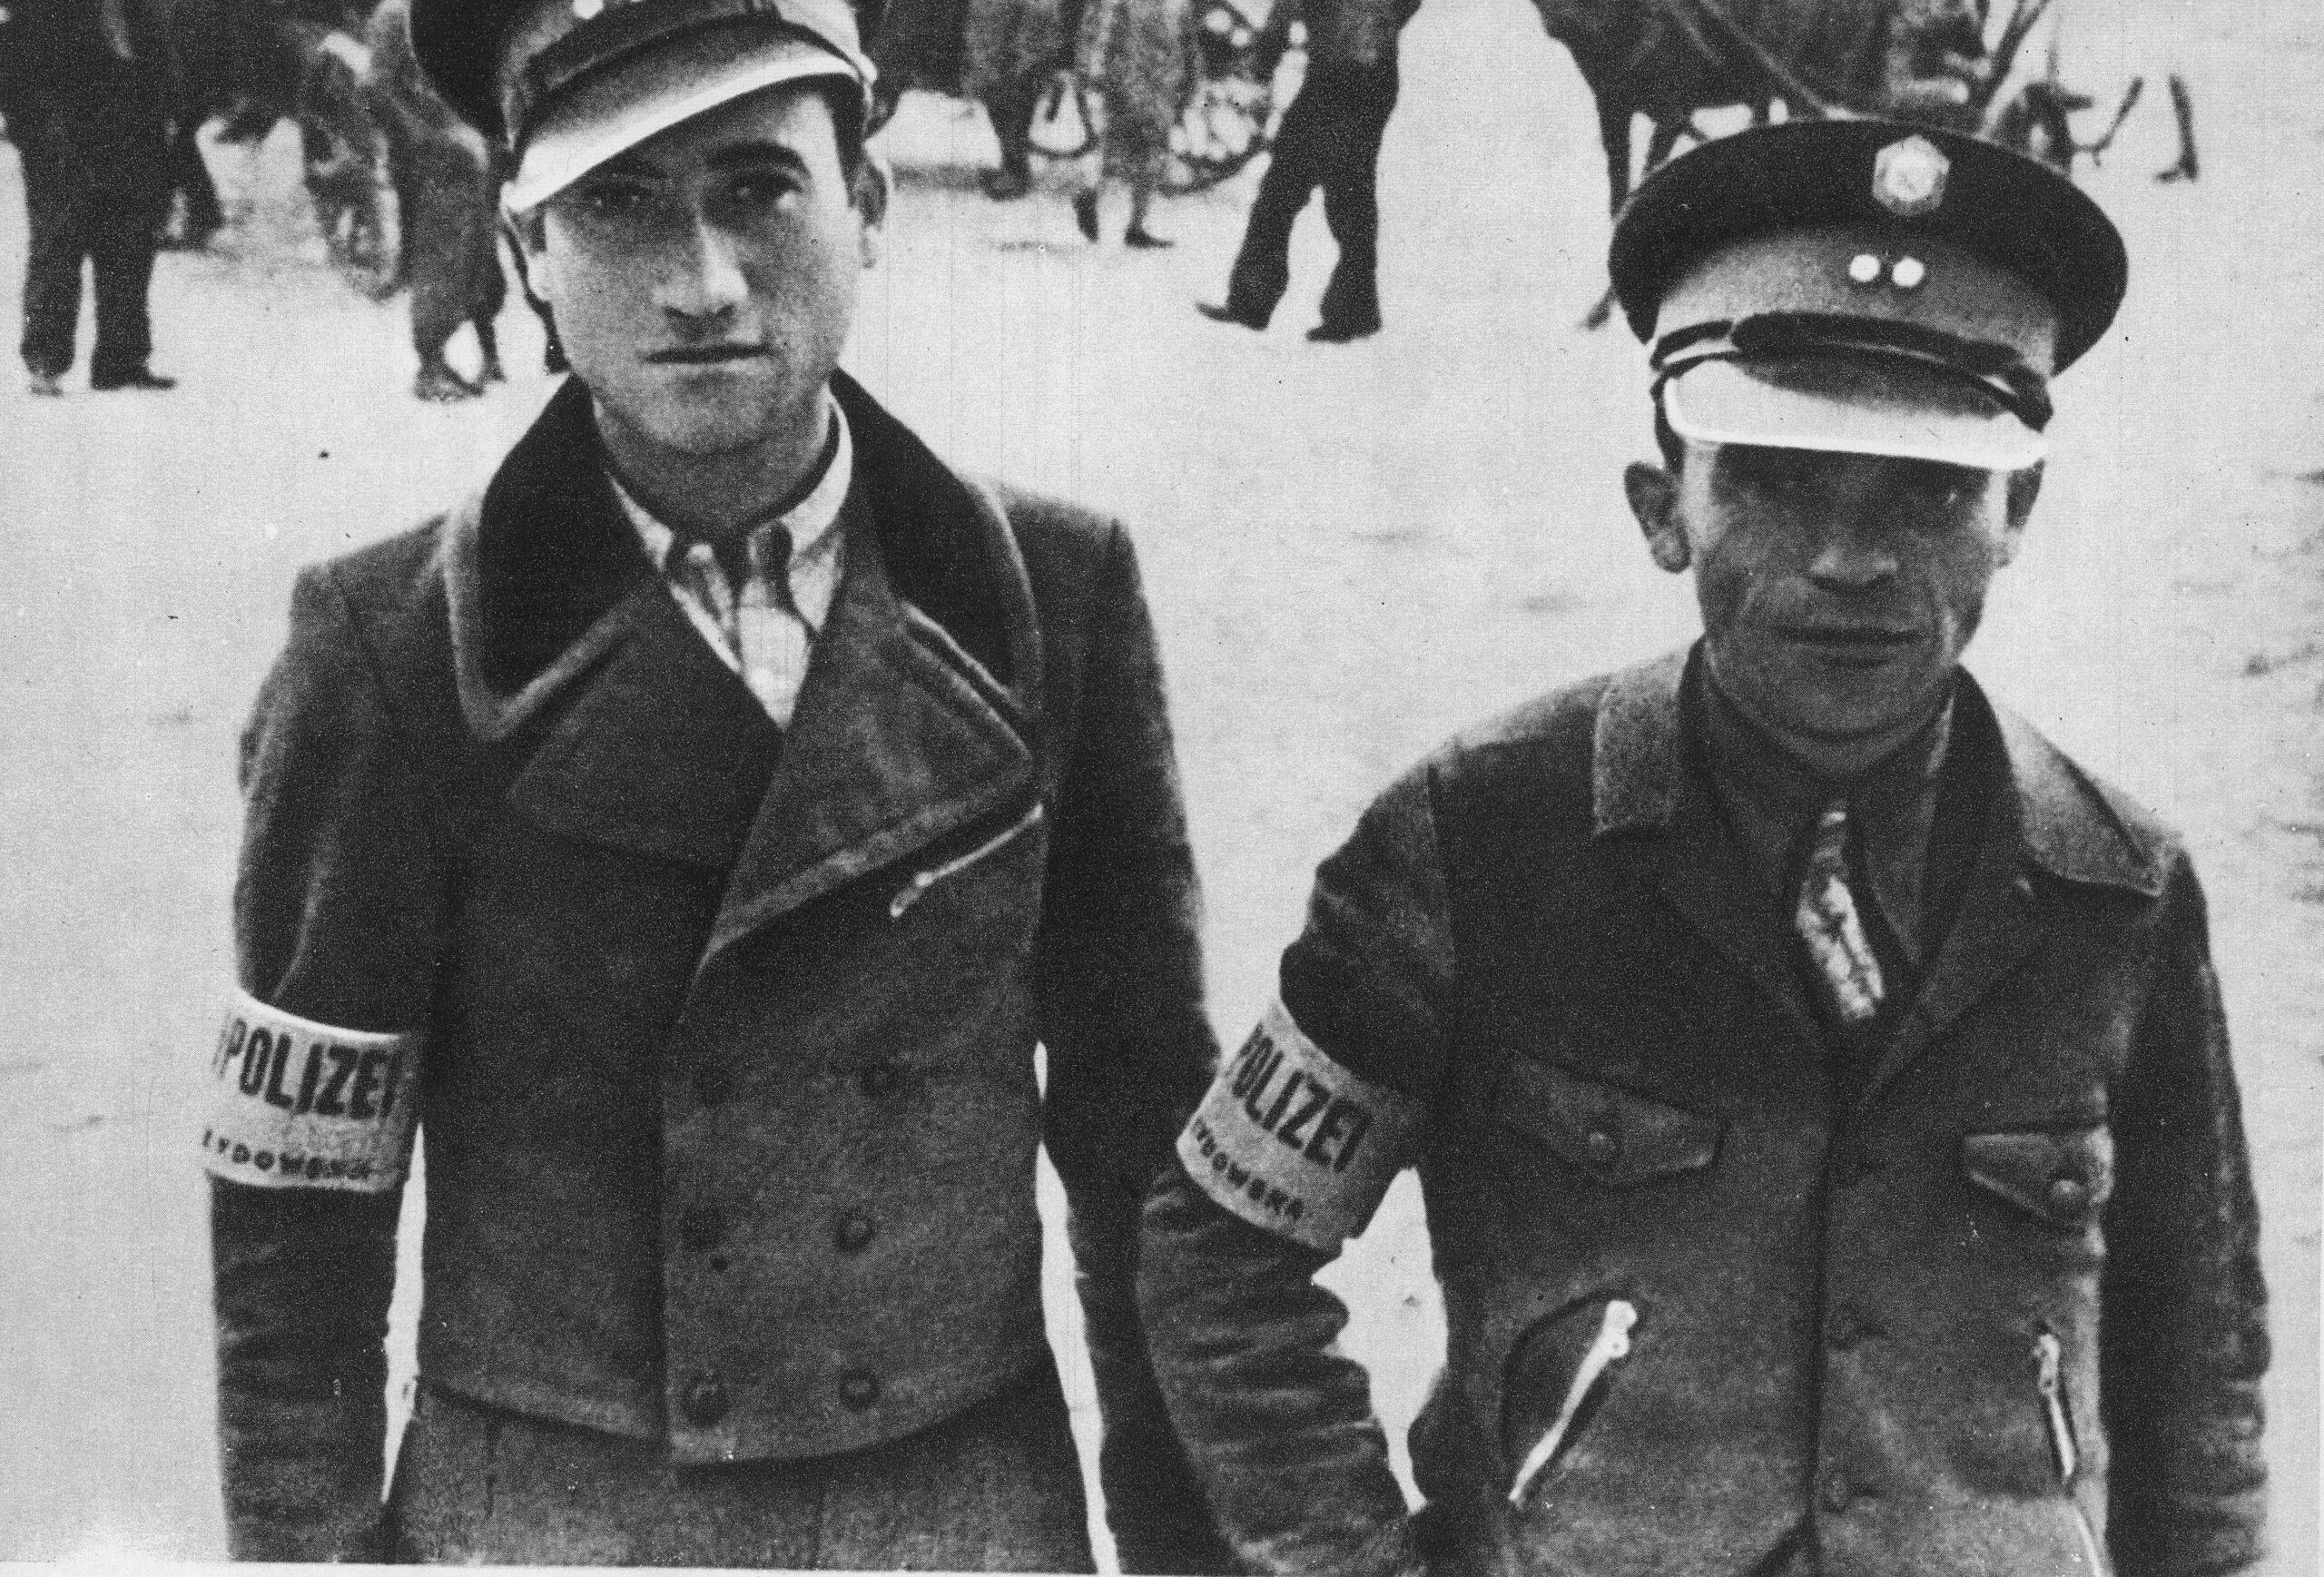 Társaikat küldték a halálba? Új könyv a varsói gettórendőrségről